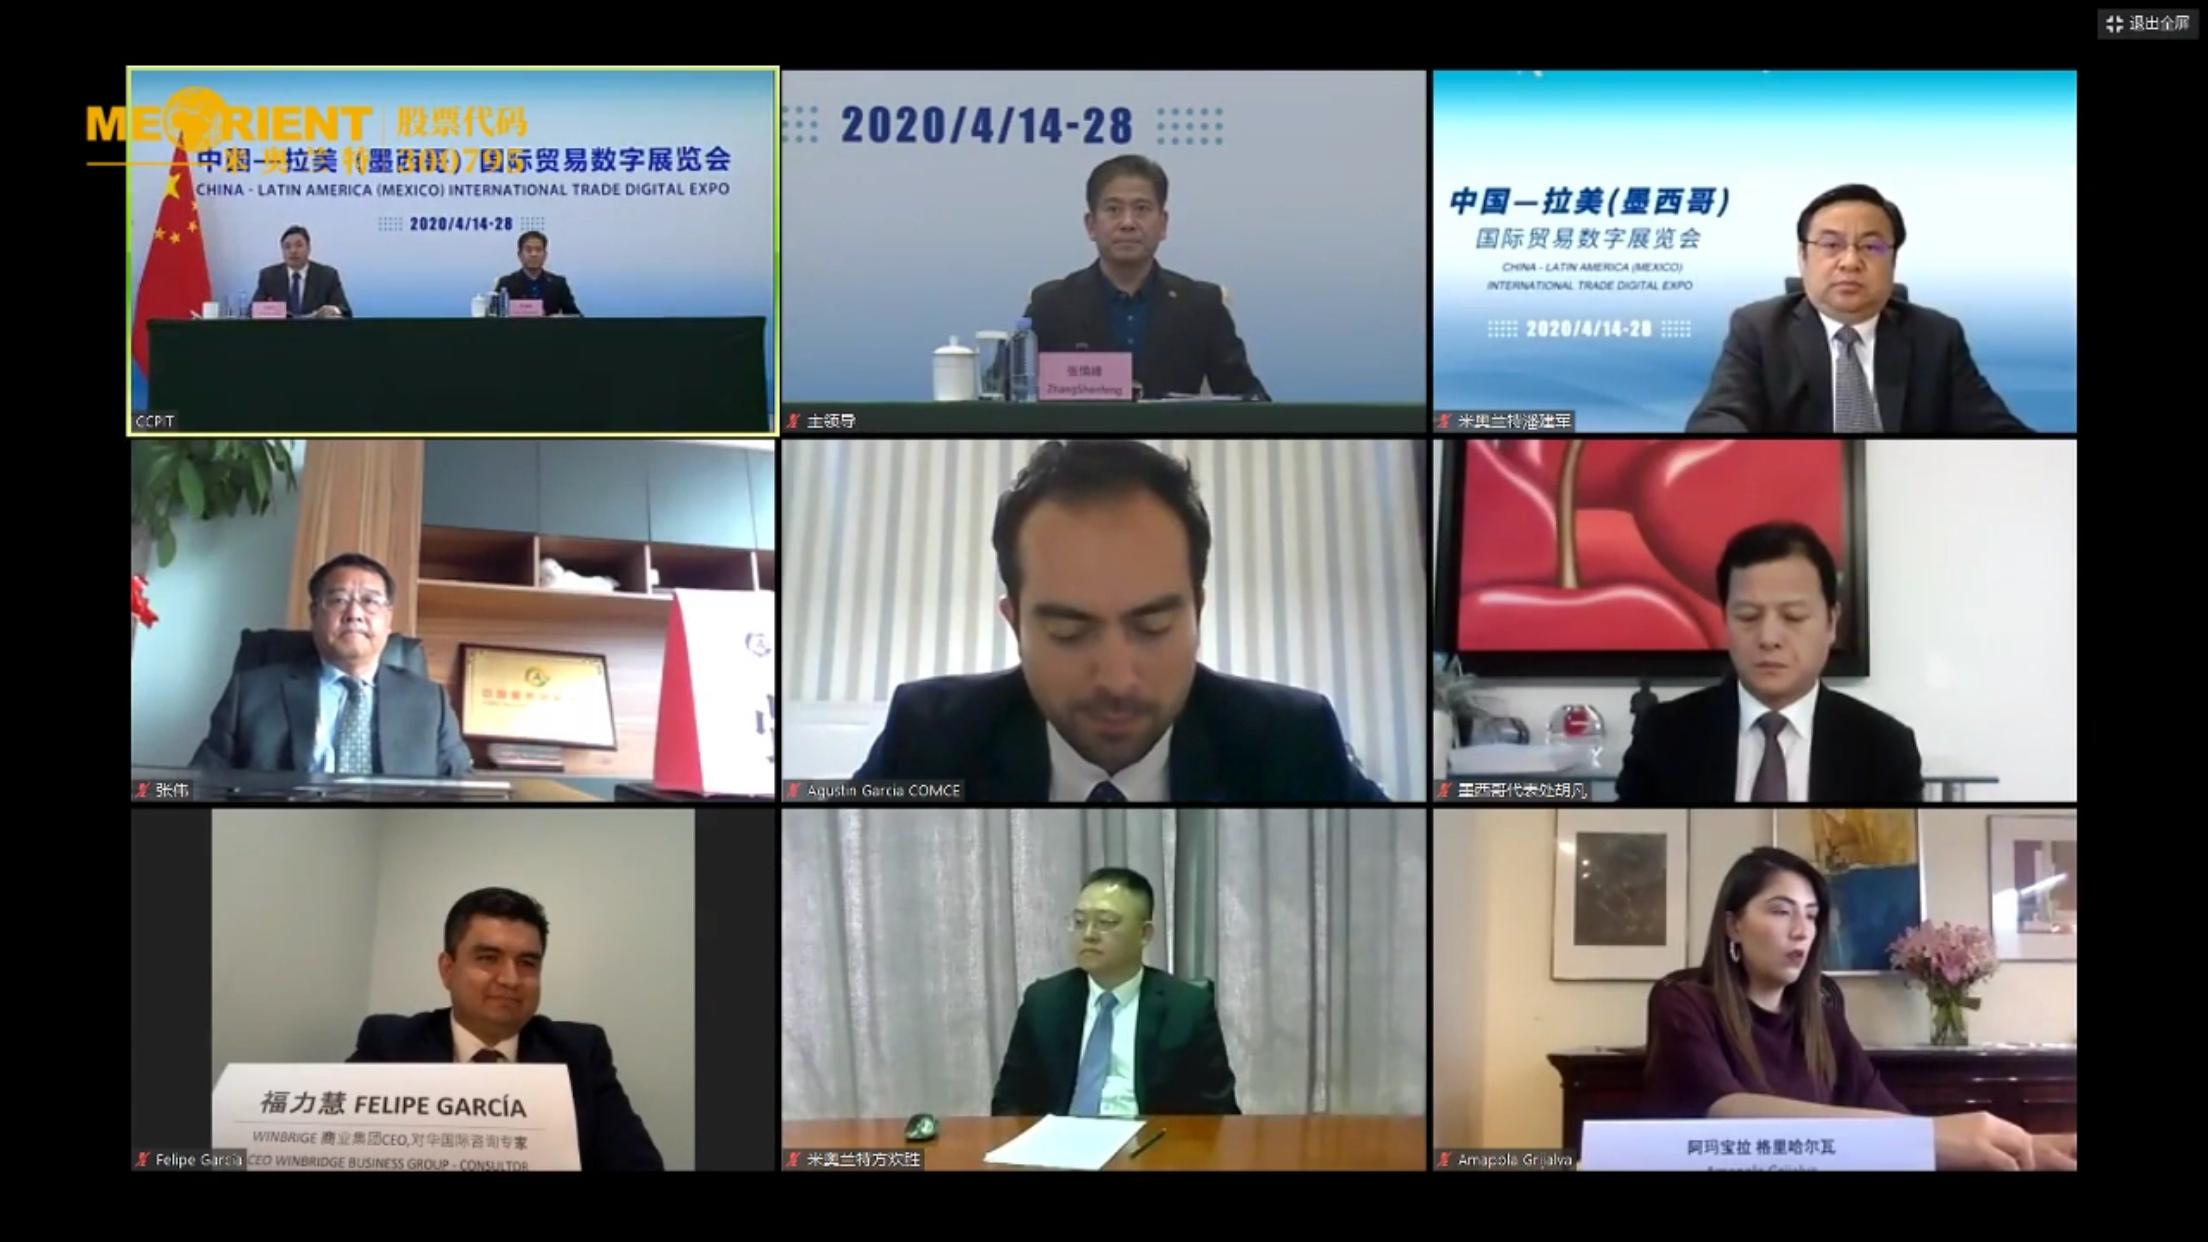 中国会展十大资讯,ag国际会